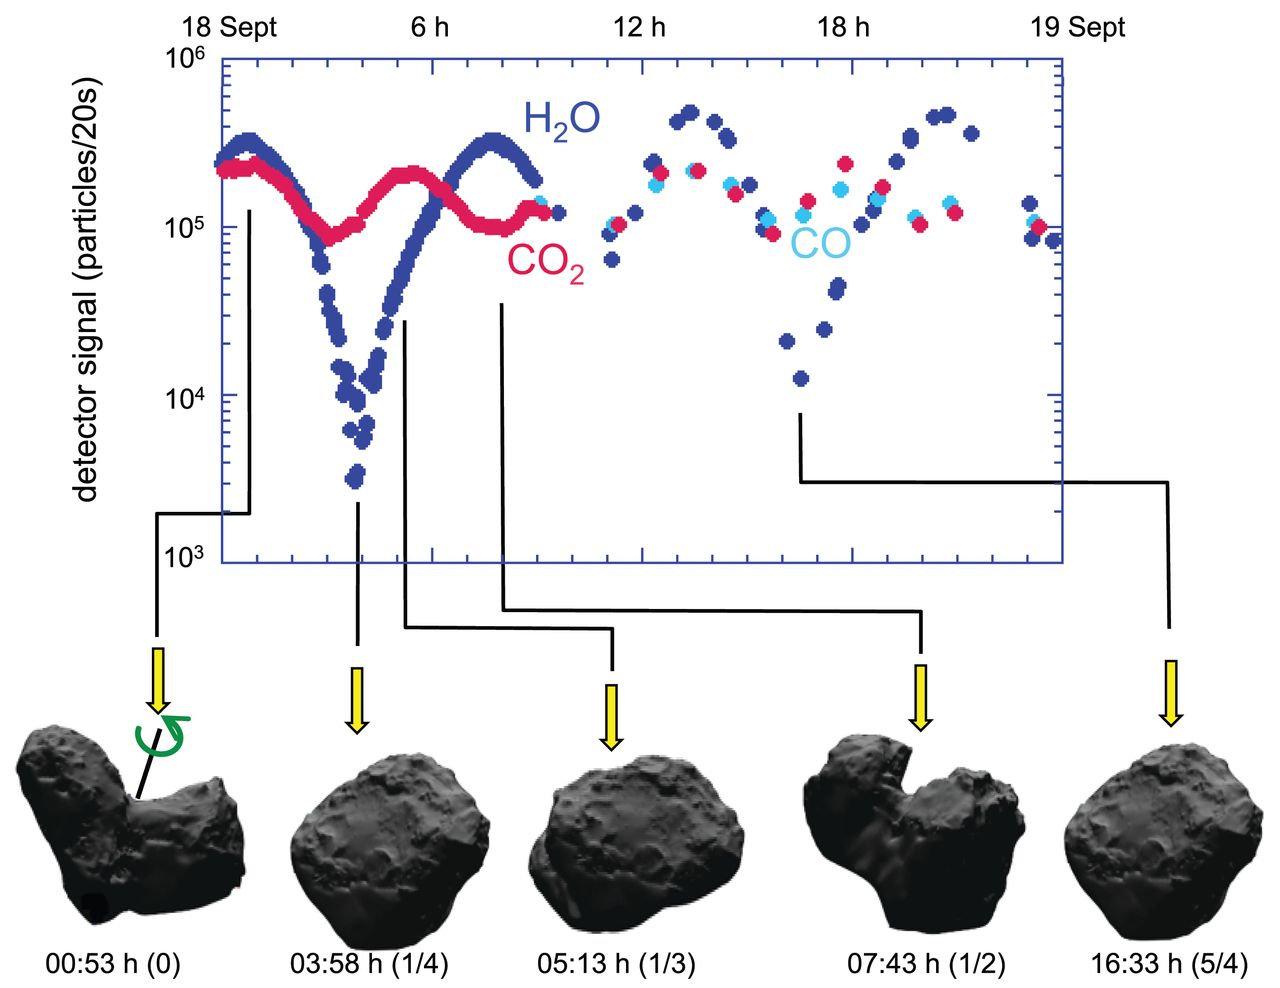 Variation des quantités d'H2O, de CO2 et de CO reçues par le détecteur ROSINA durant la journée du 18 septembre 2014